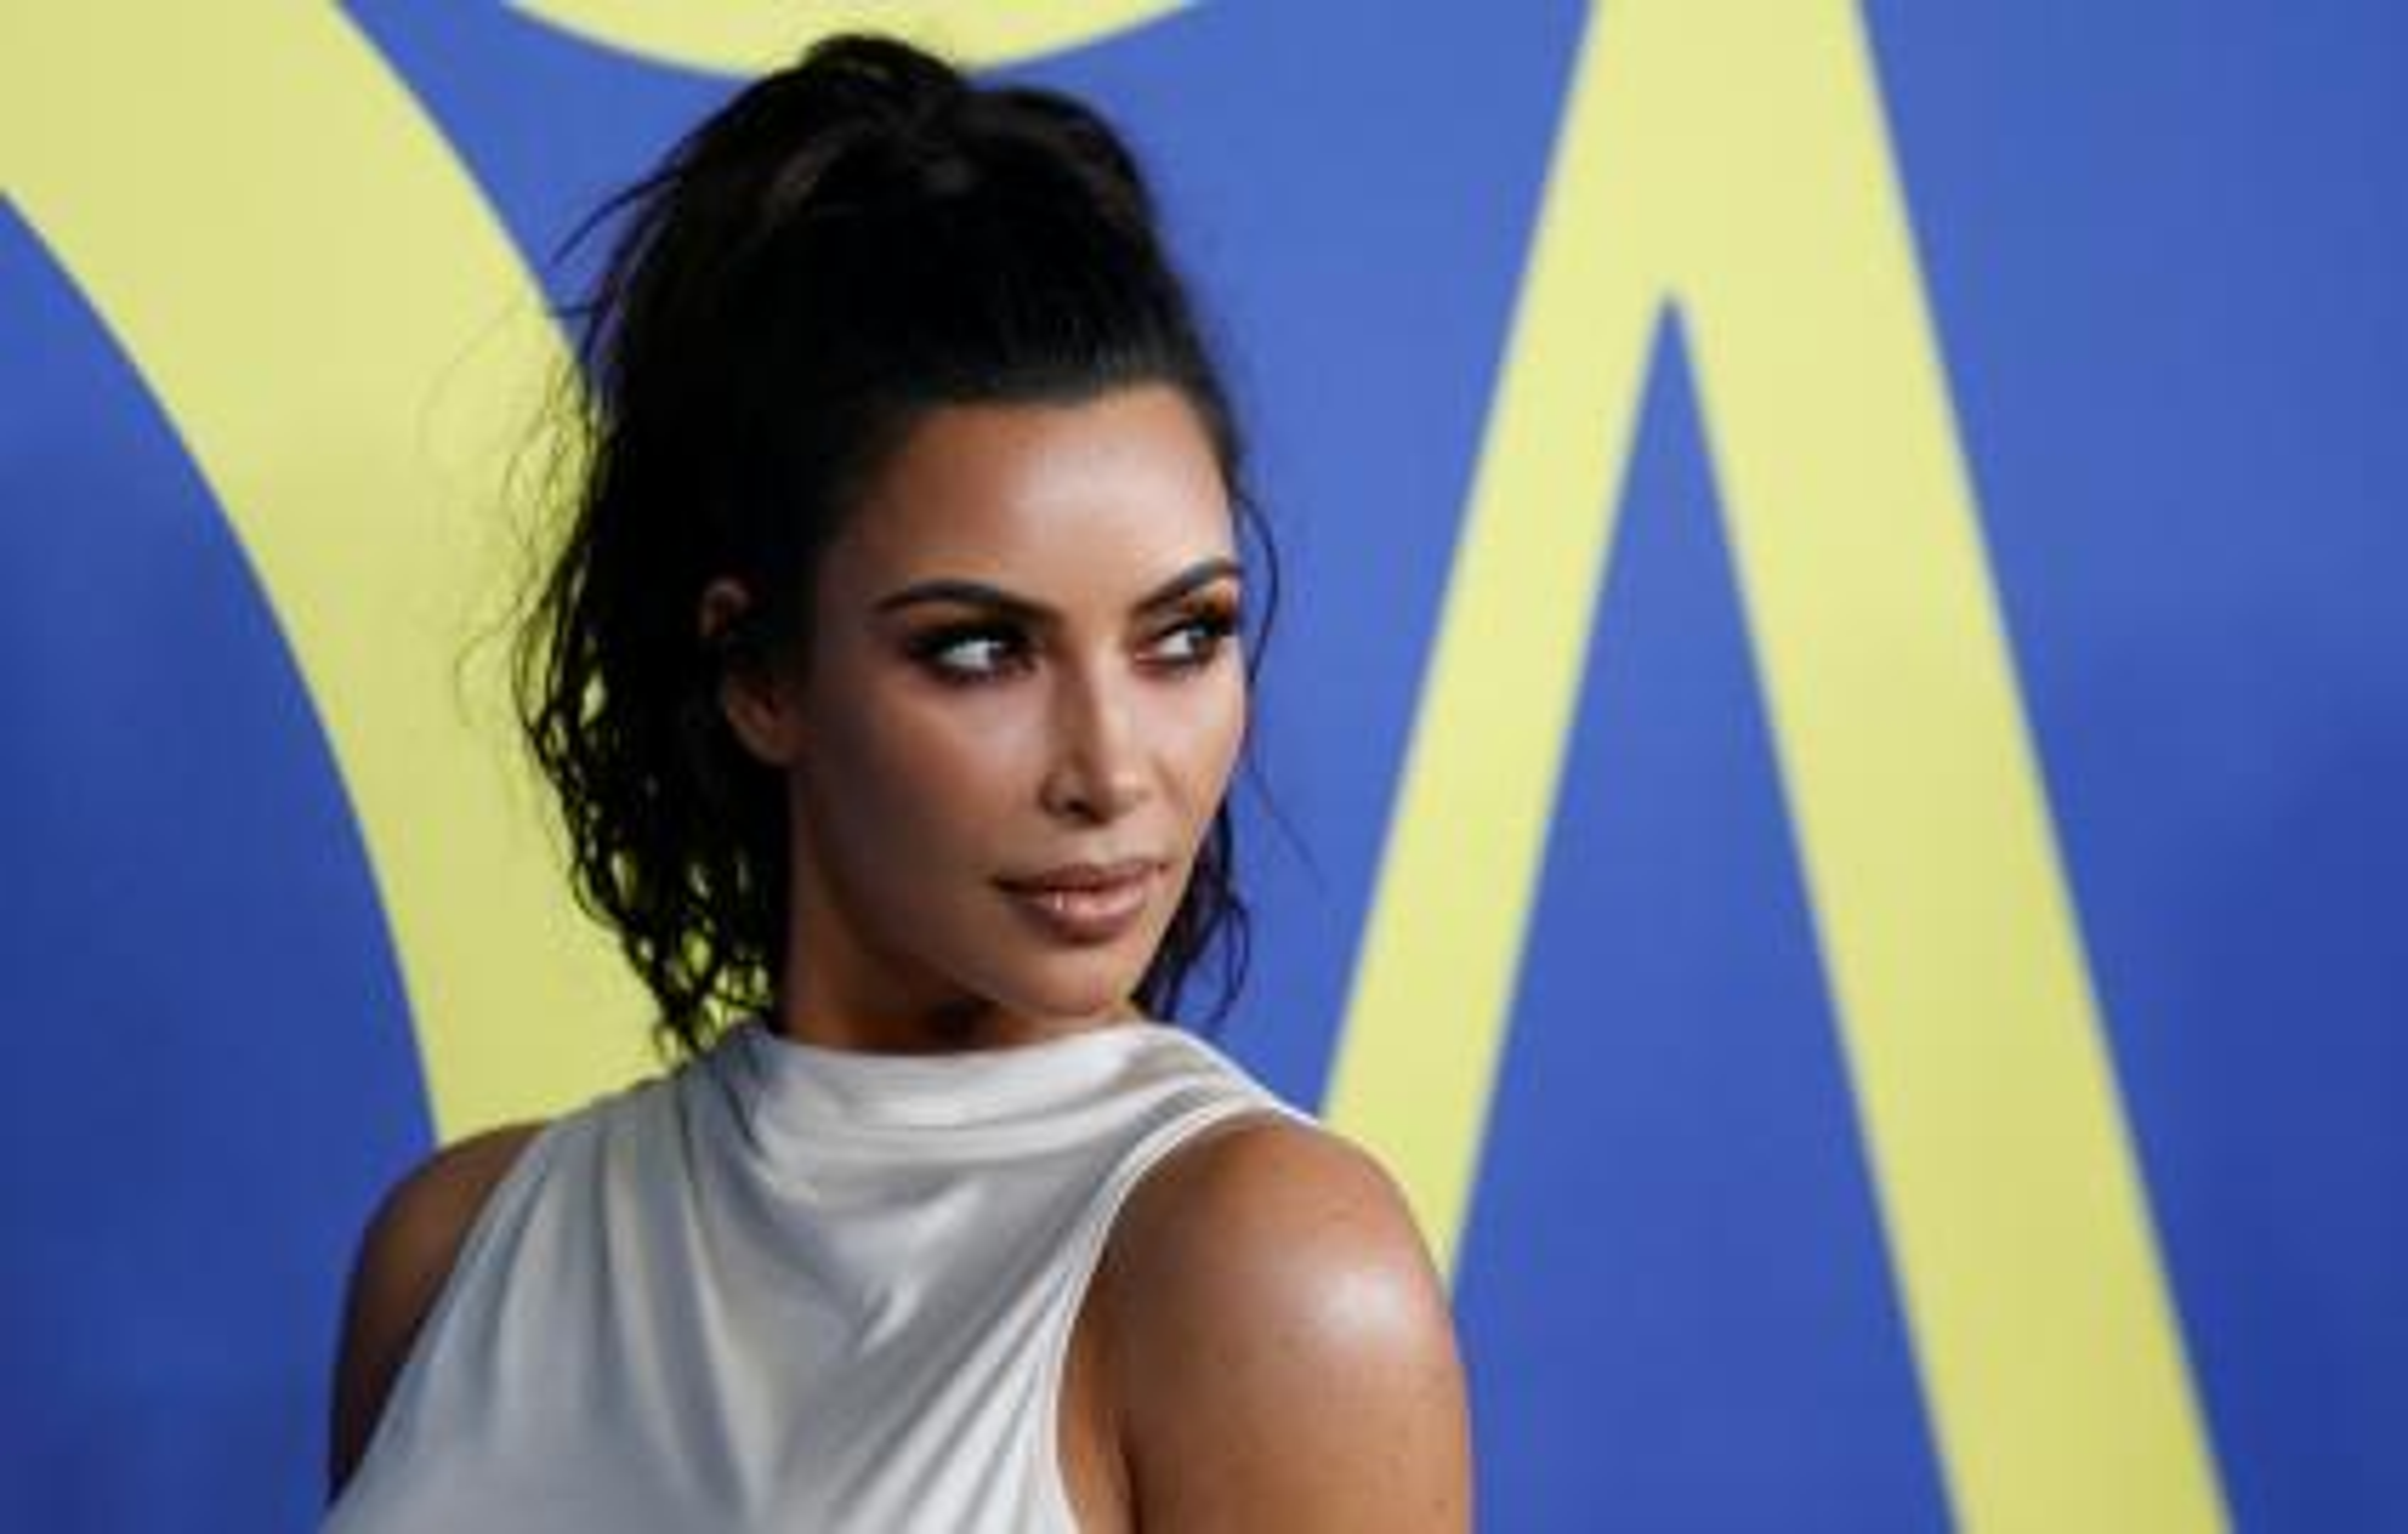 Kim Kardashian attends the CFDA Fashion awards in Brooklyn